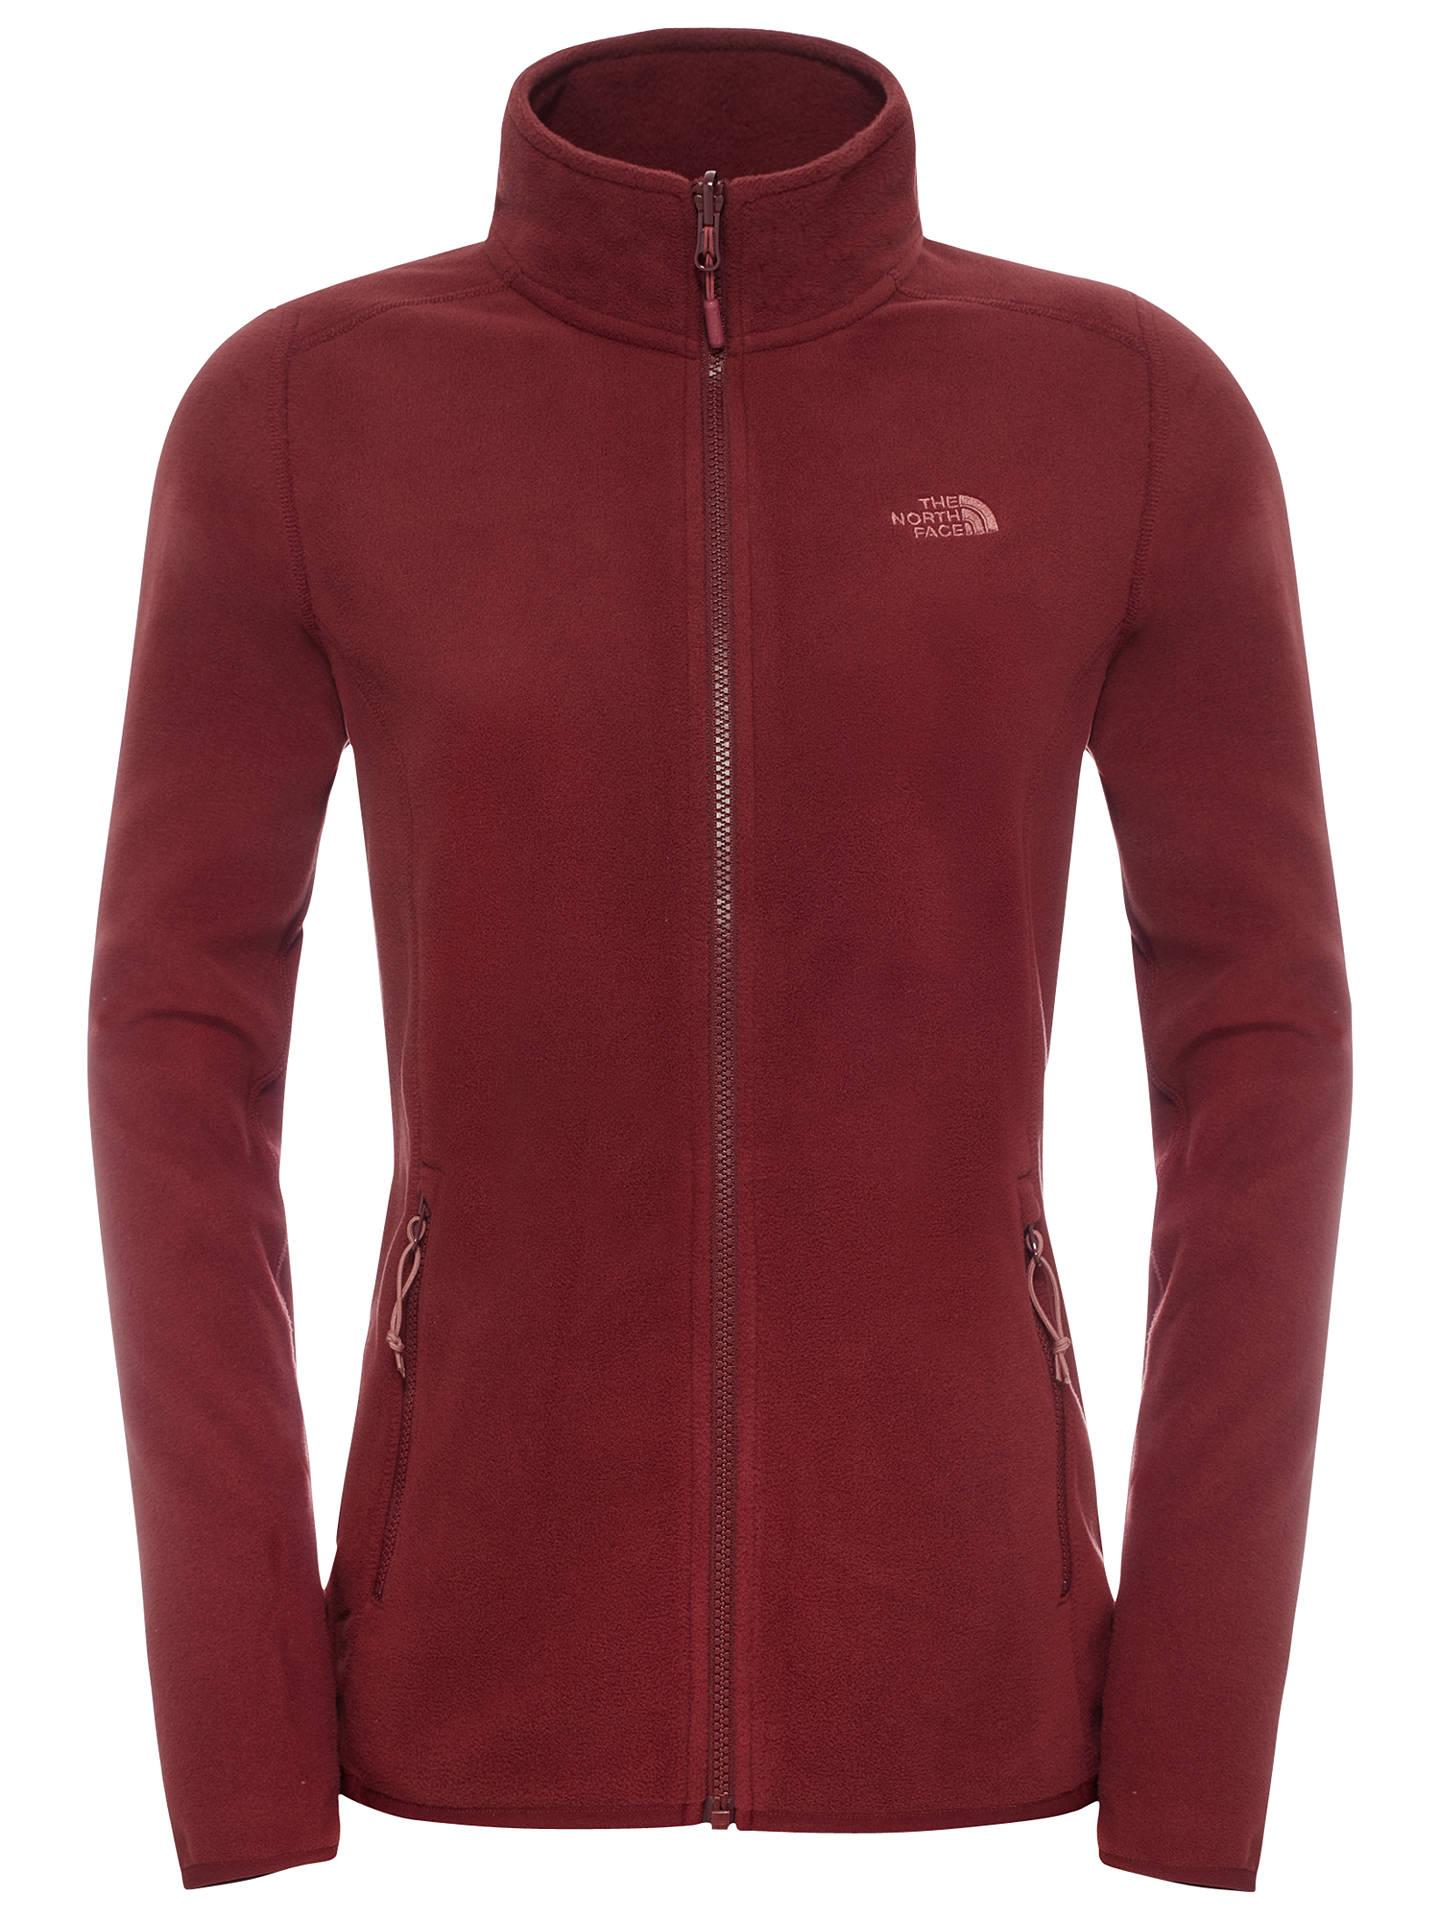 3730c25240 Buy The North Face 100 Glacier Full Zip Women's Fleece, Red, S Online at ...